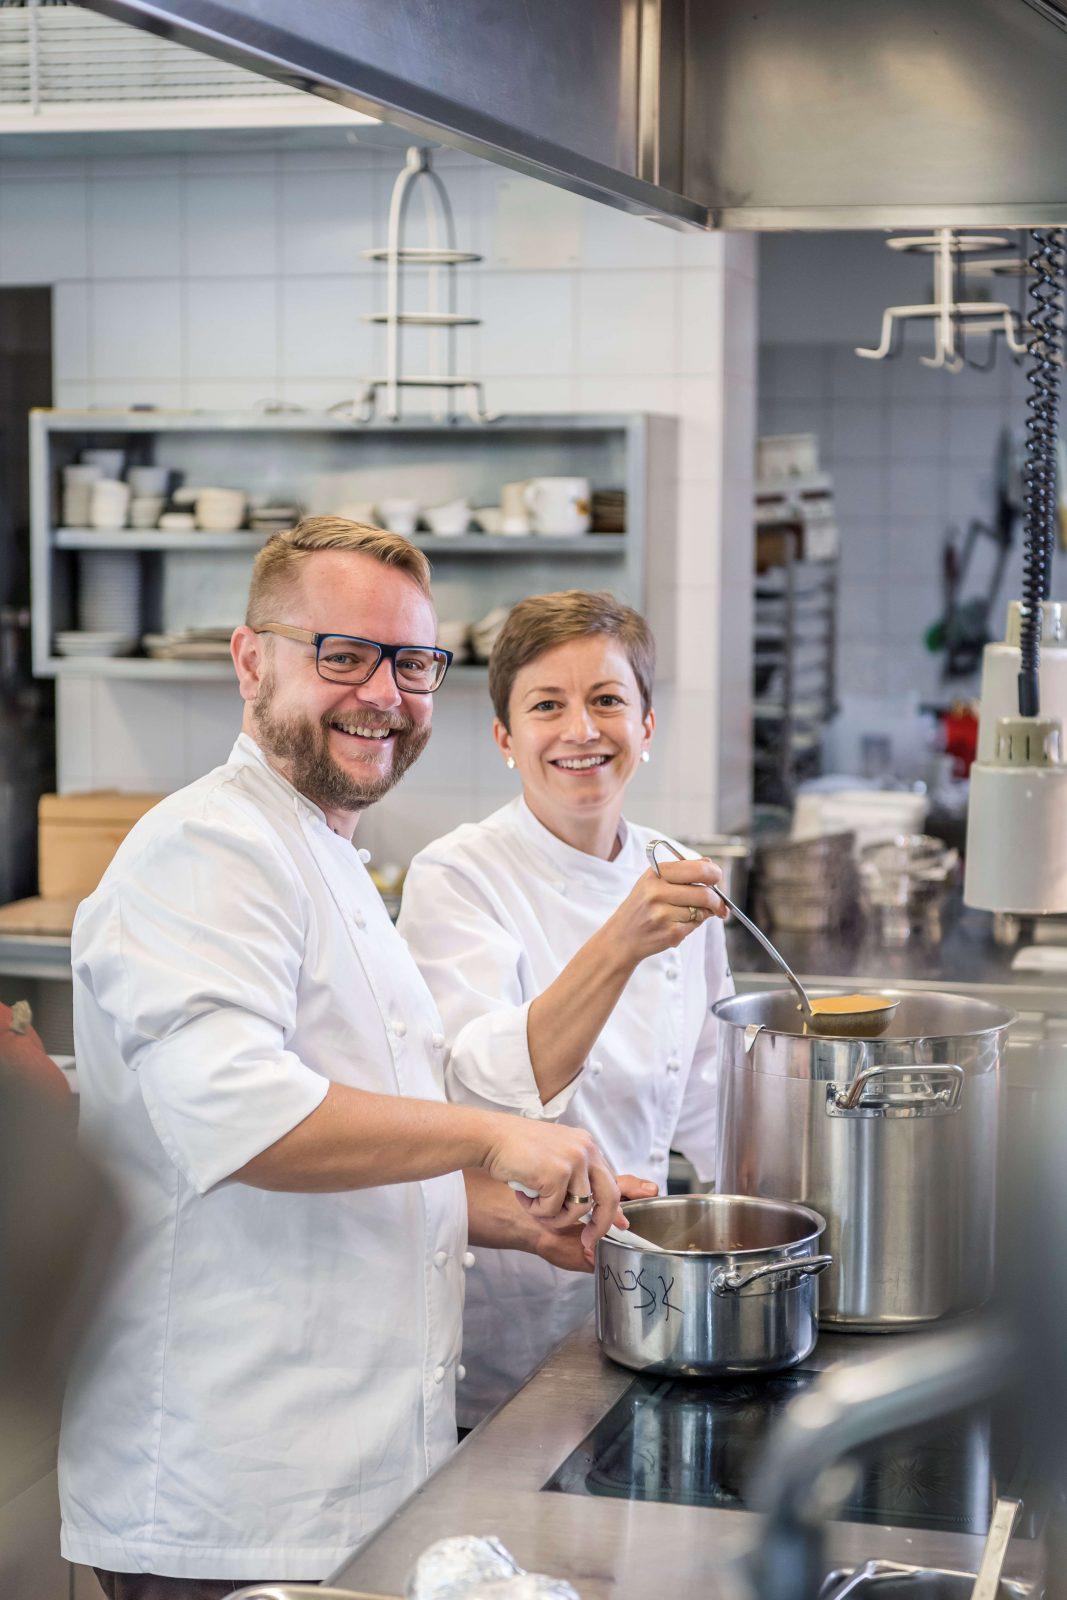 Astrid und Andreas Krainer beim Kochen in einer modernen Restaurantküche